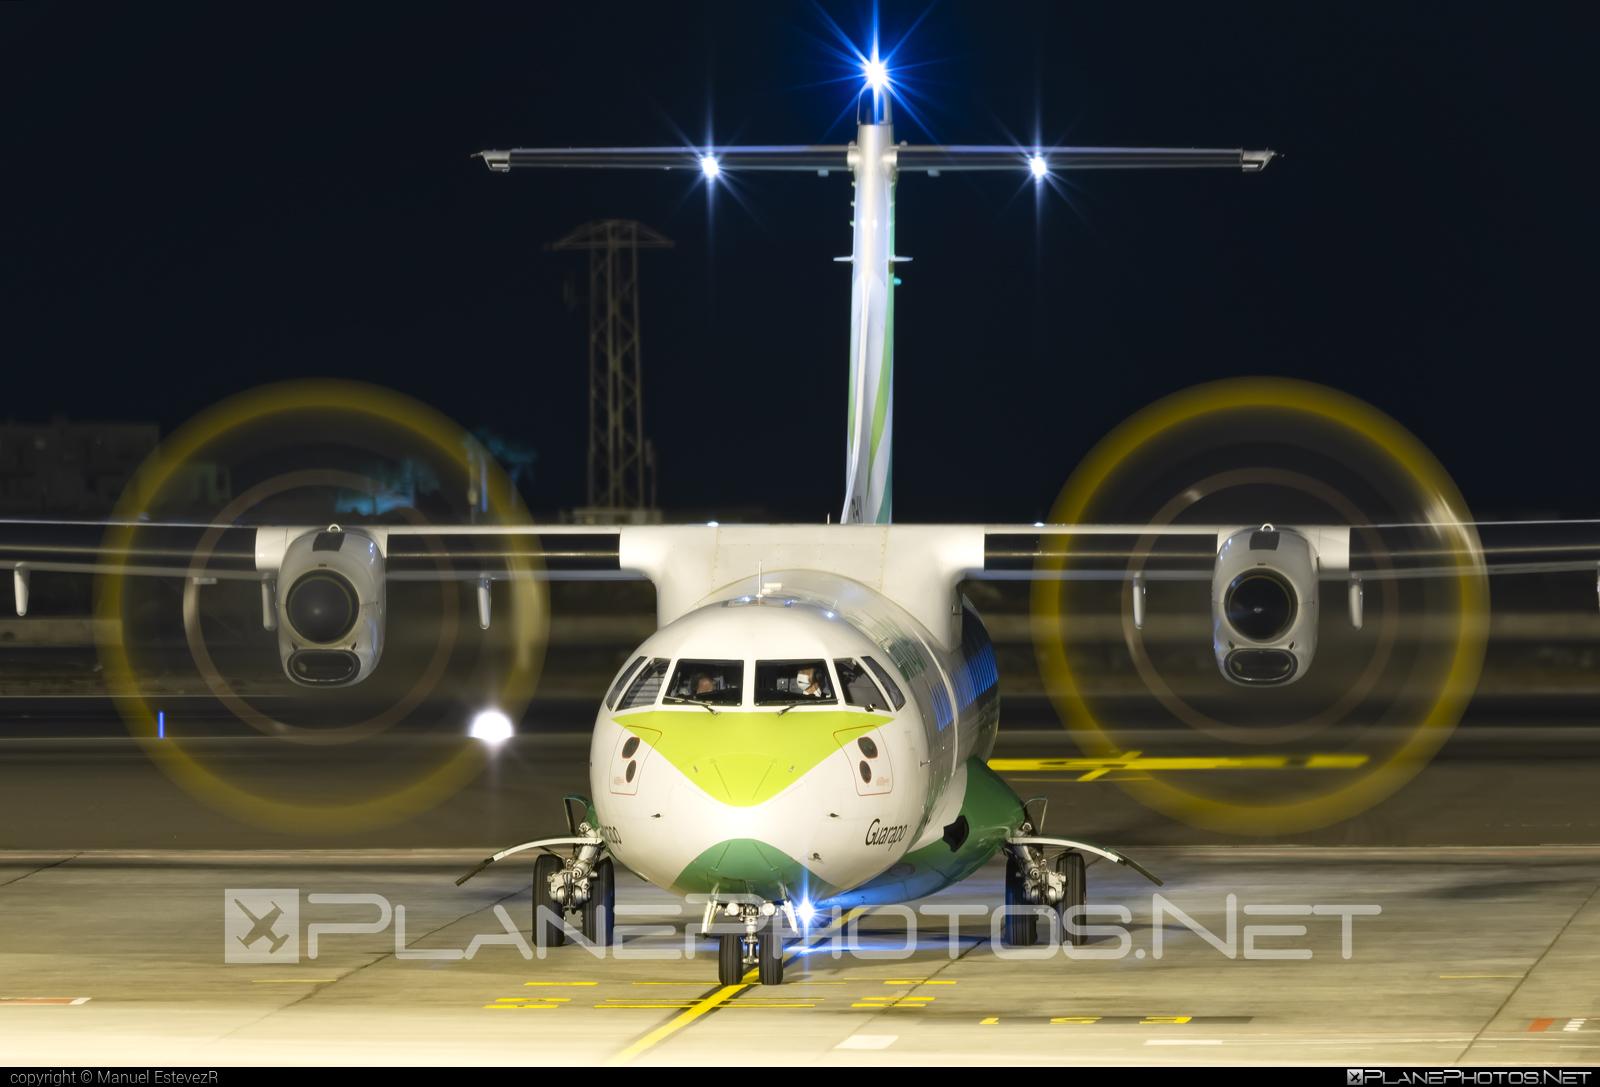 ATR 72-212A - EC-KYI operated by Binter Canarias #BinterCanarias #atr #atr72 #atr72212a #atr72500